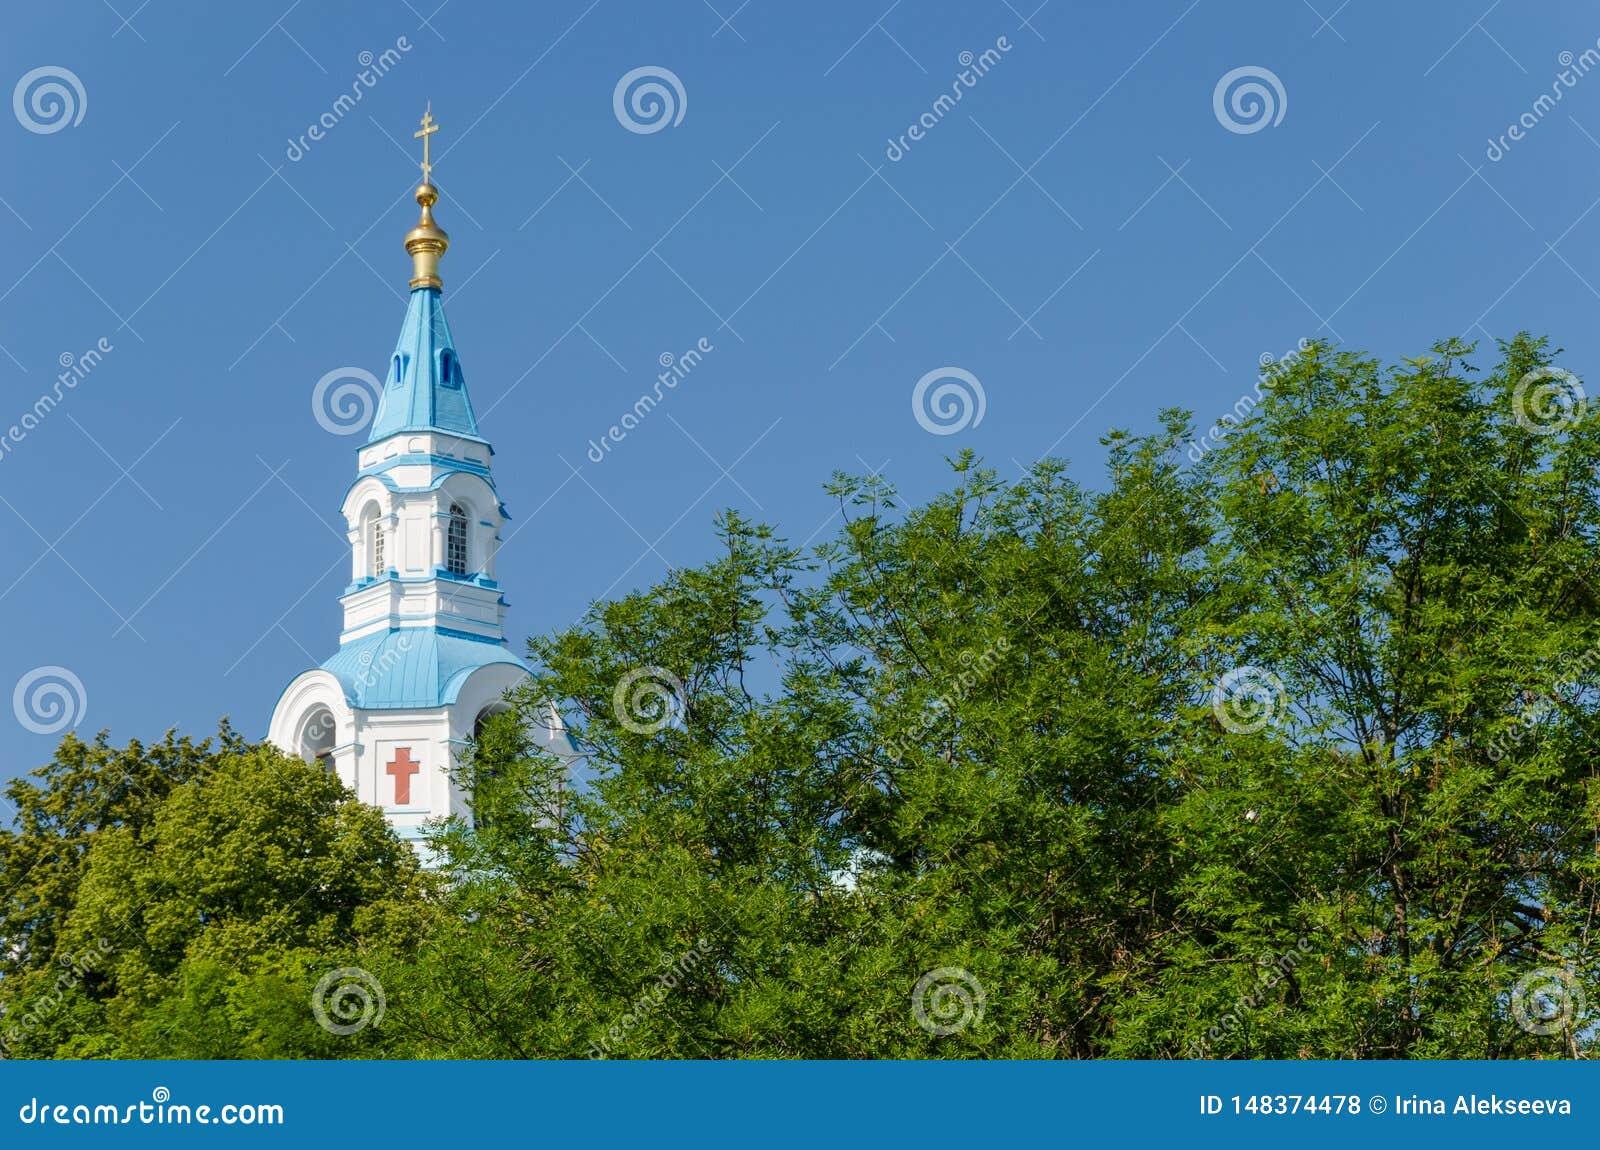 Catedral de Spaso-Preobrazhensky do monast?rio de Valaam A torre de sino da catedral ortodoxo Ilha de Valaam, Car?lia, R?ssia